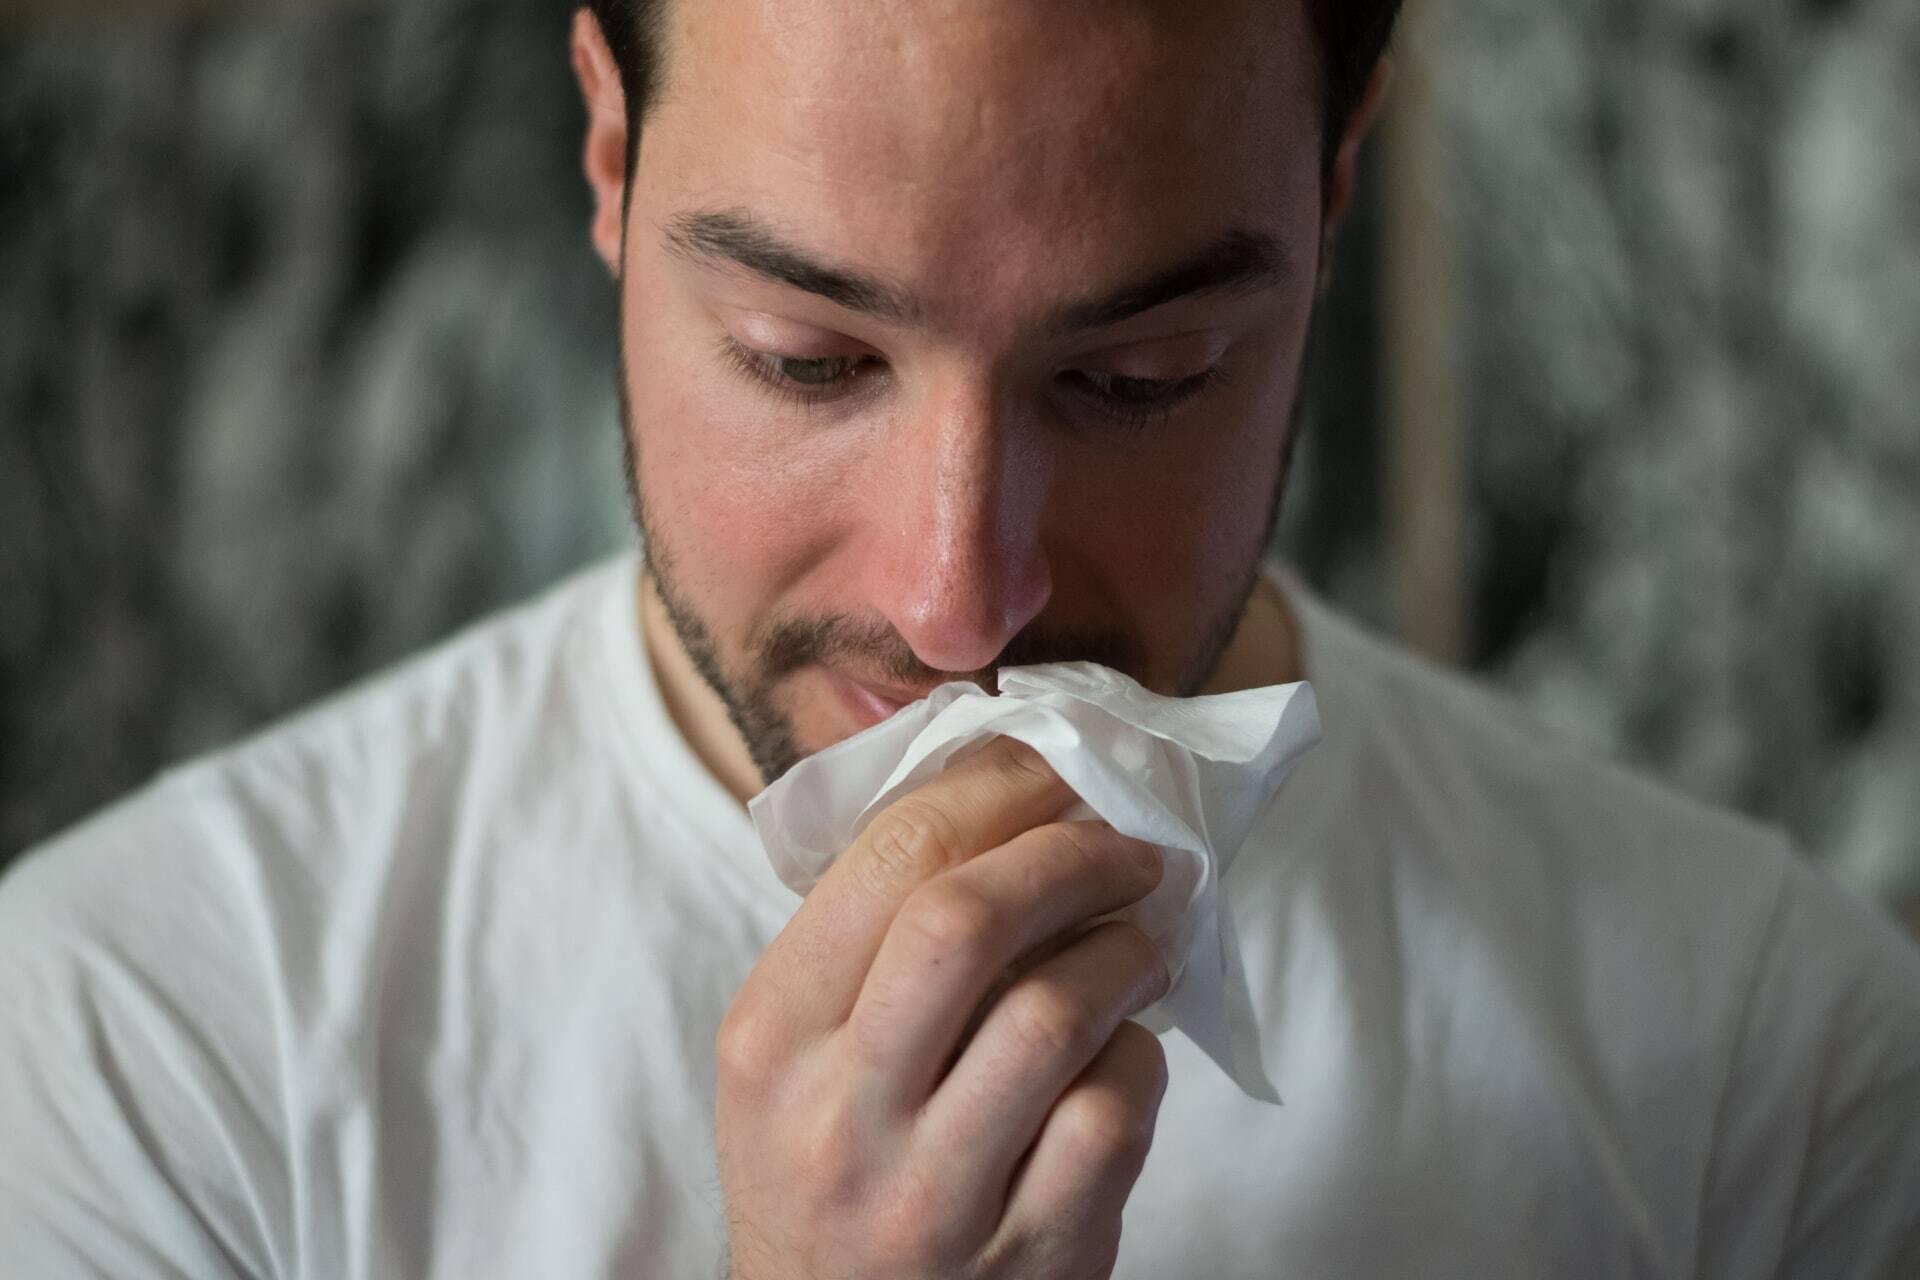 Os sintomas são muito semelhantes aos da gripe, mas em casos mais graves pode ocorrer sangramento na face, na boca e faringe. (Foto: Unsplash)